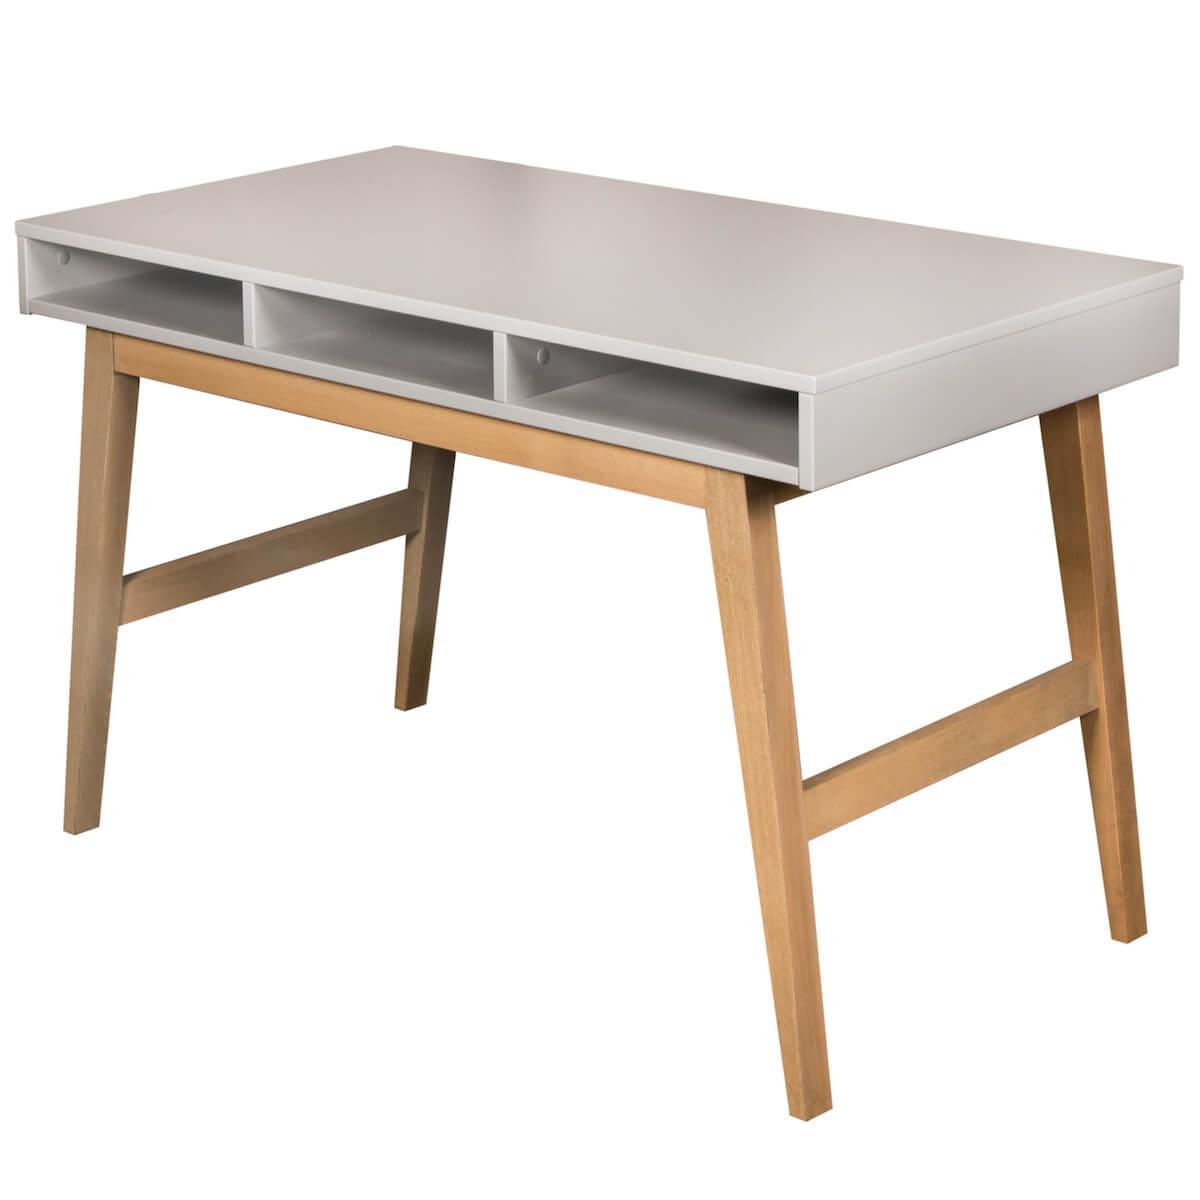 Schreibtisch TRENDY Quax griffin grey